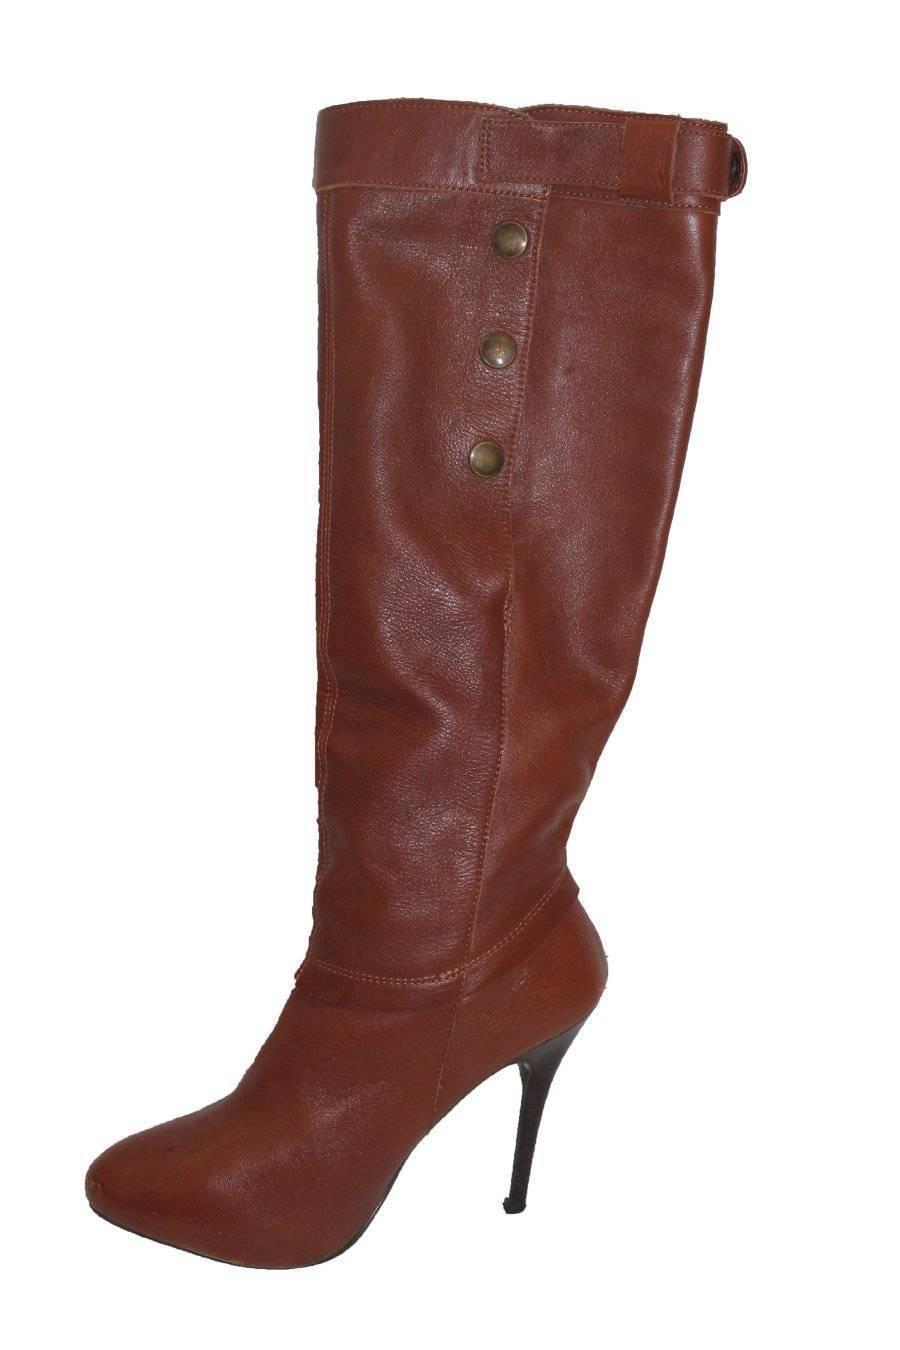 Enact Steve Madden Leder High Heel Stiefel Knee High Leder Madden Congac 7.5 9b7ef9